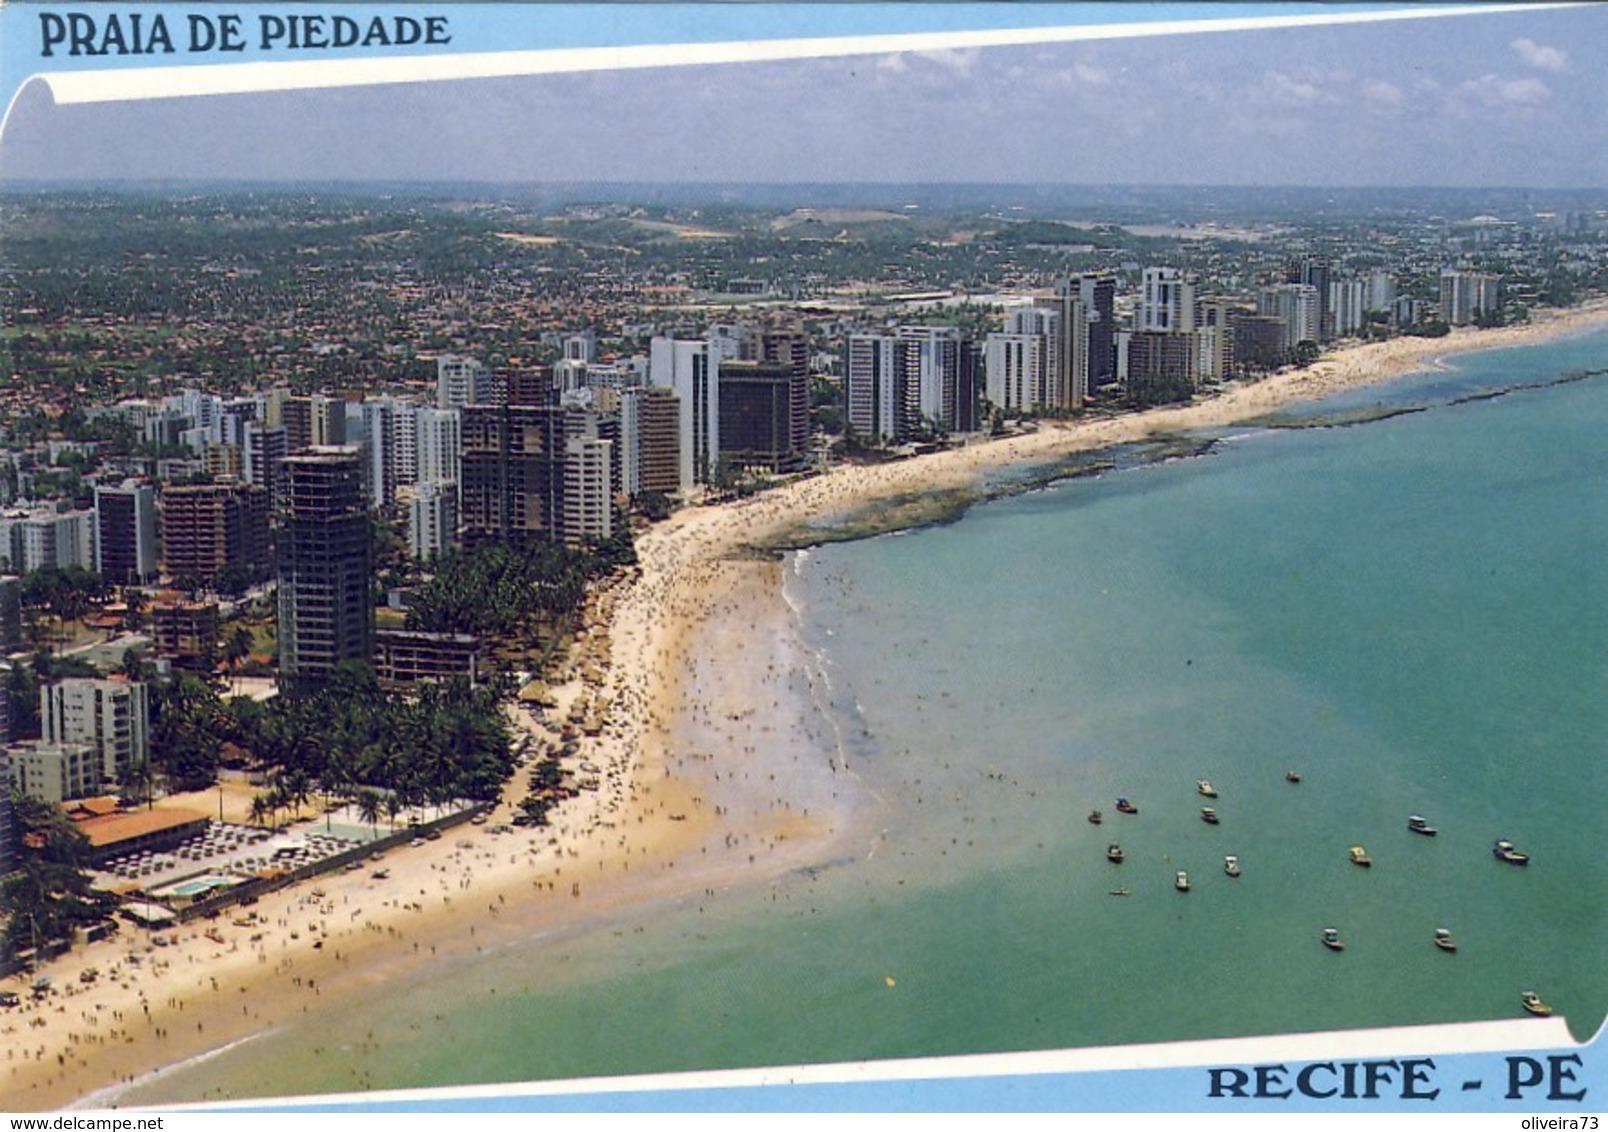 RECIFE - PERNAMBUCO: Vista Aérea Da Praia De Piedade - BRASIL - Recife